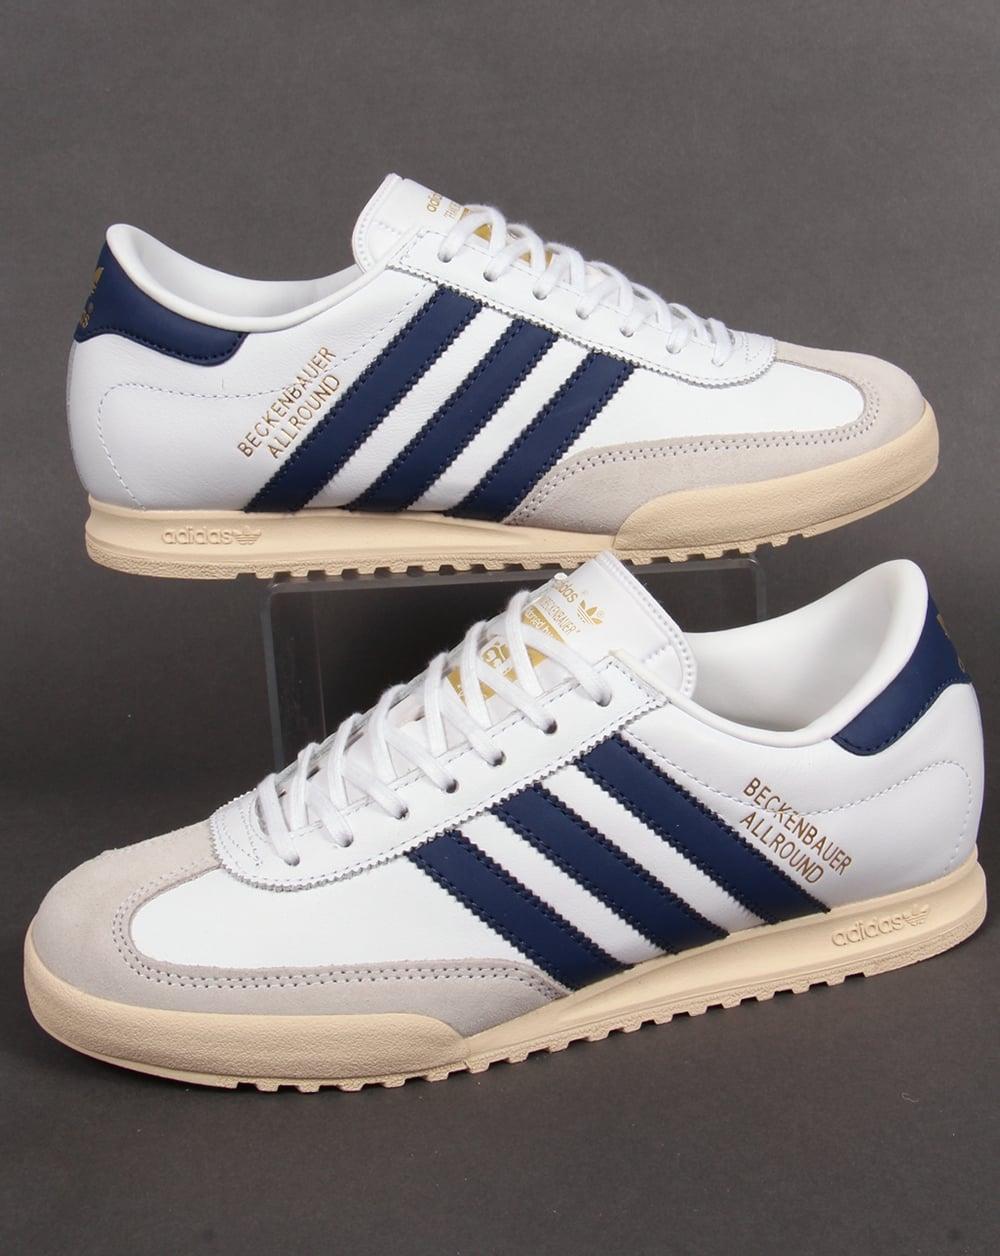 adidas beckenbauer allround adidas beckenbauer trainers white/navy/gold OYWADGC